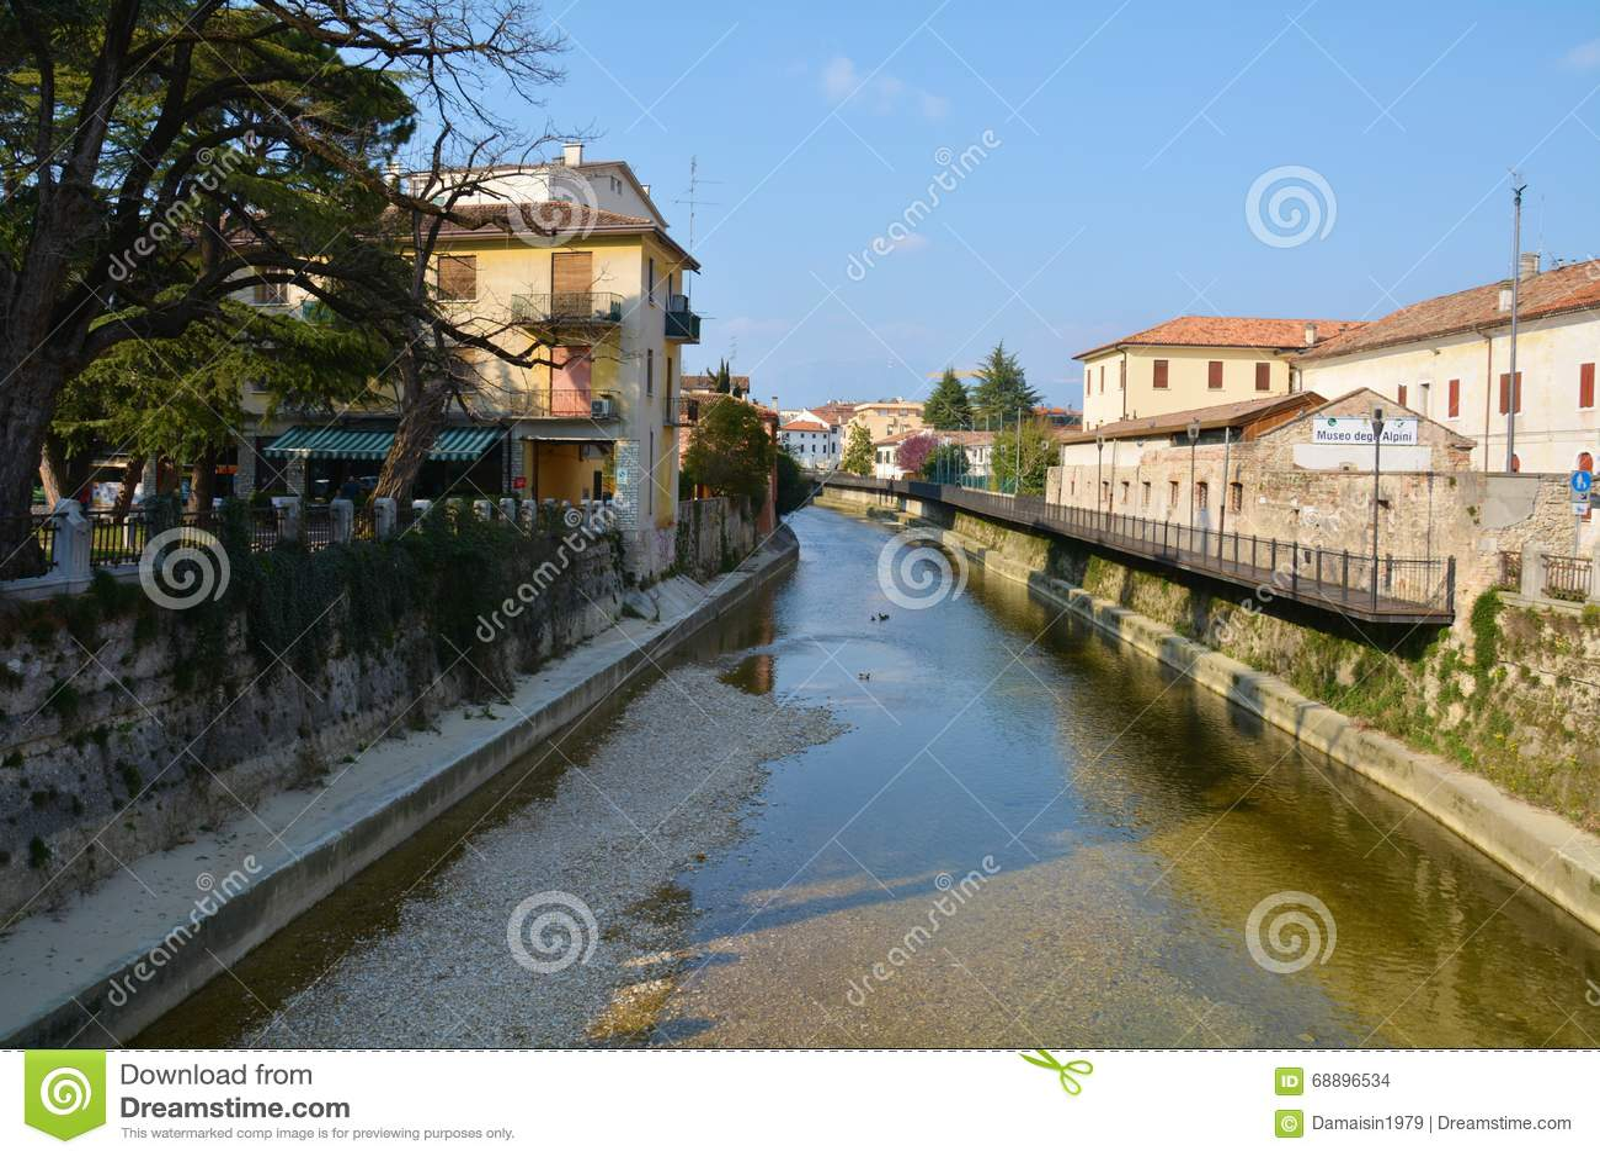 Rivi re de monticato dans conegliano italie photo stock for Dans italien